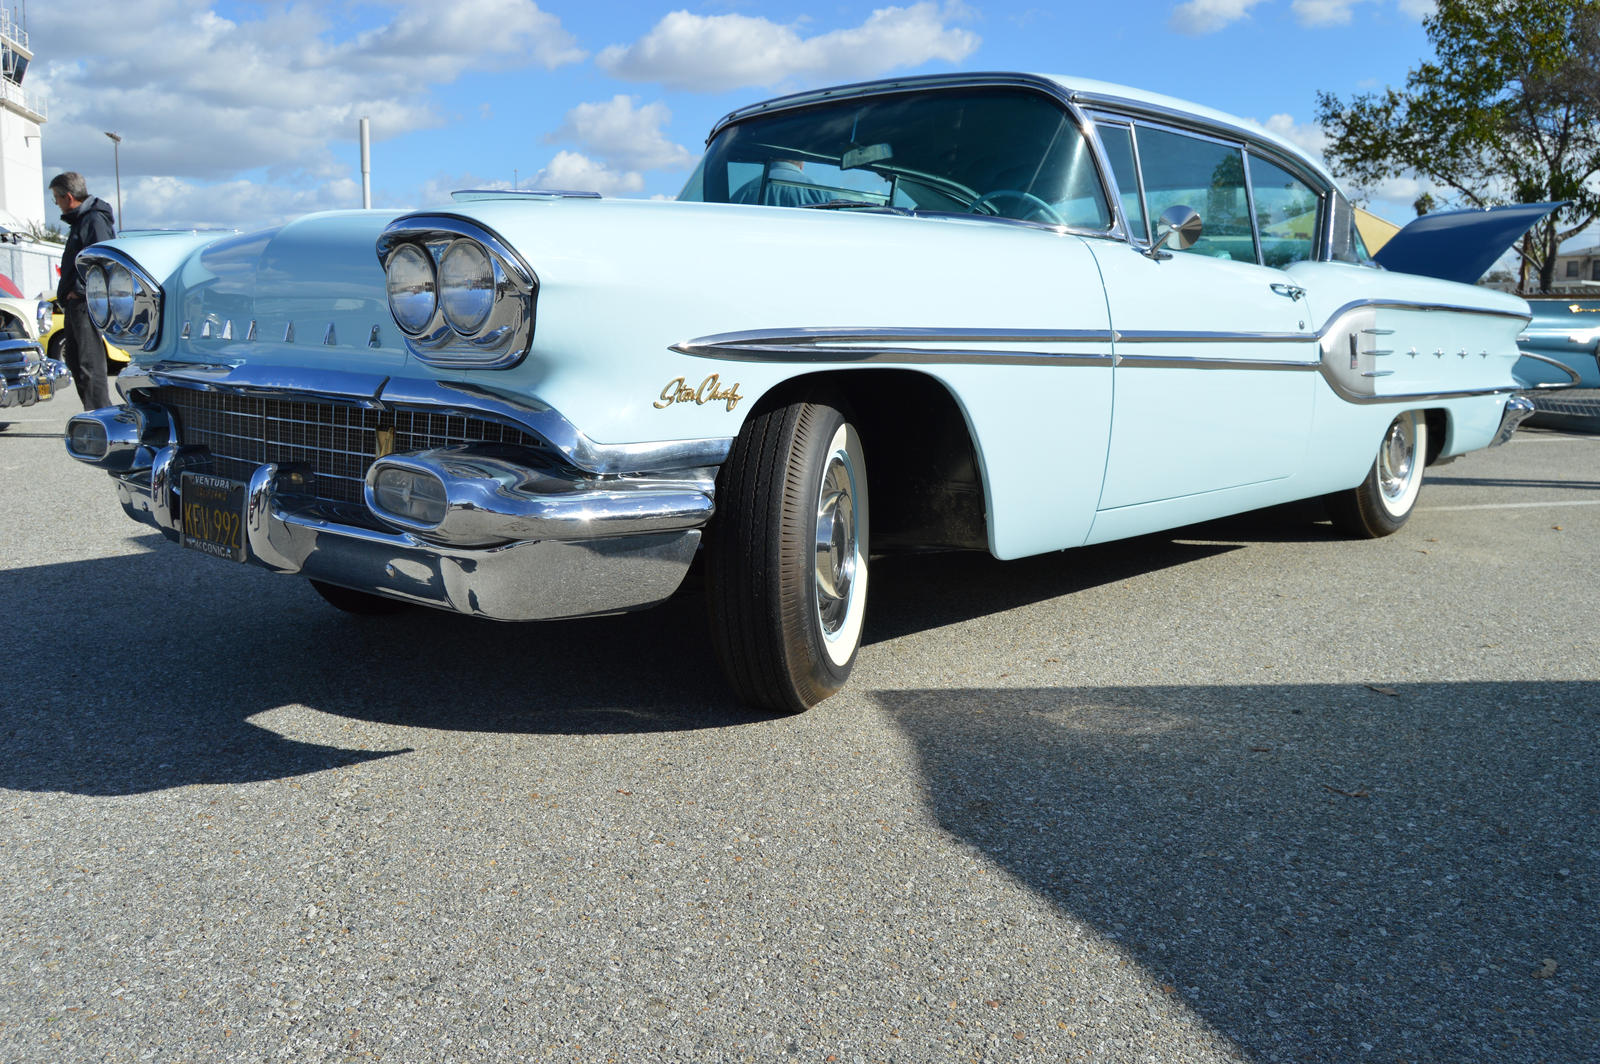 1958 Pontiac Star Chief IV by Brooklyn47